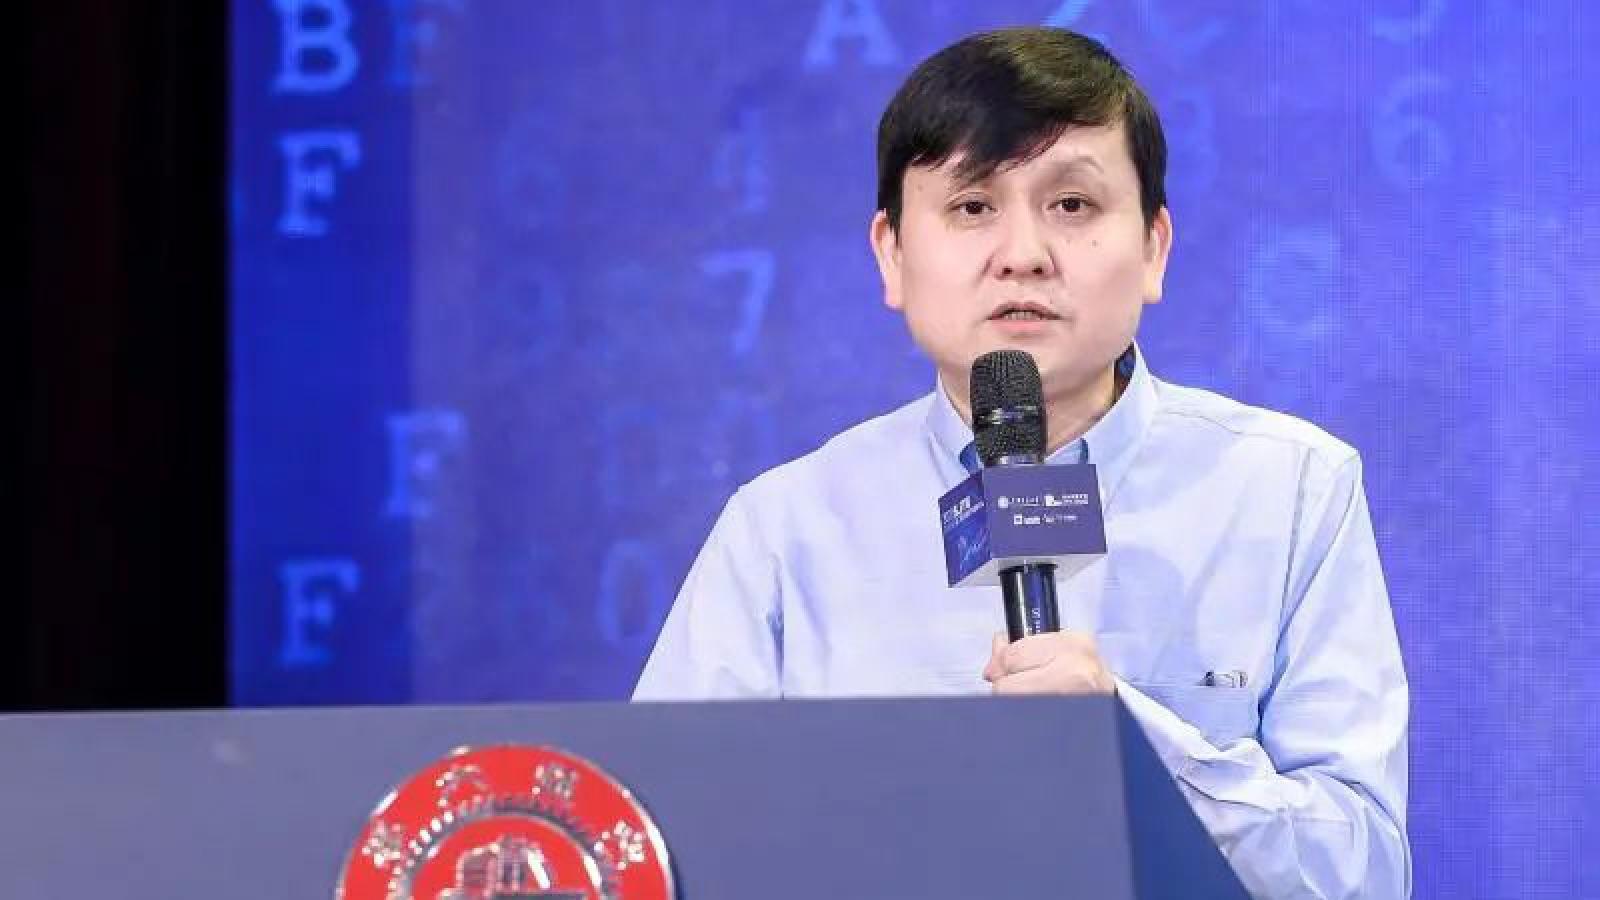 Chuyên gia bệnh truyền nhiễm: Làn sóng Covid-19 thứ hai ở Trung Quốc là tất yếu